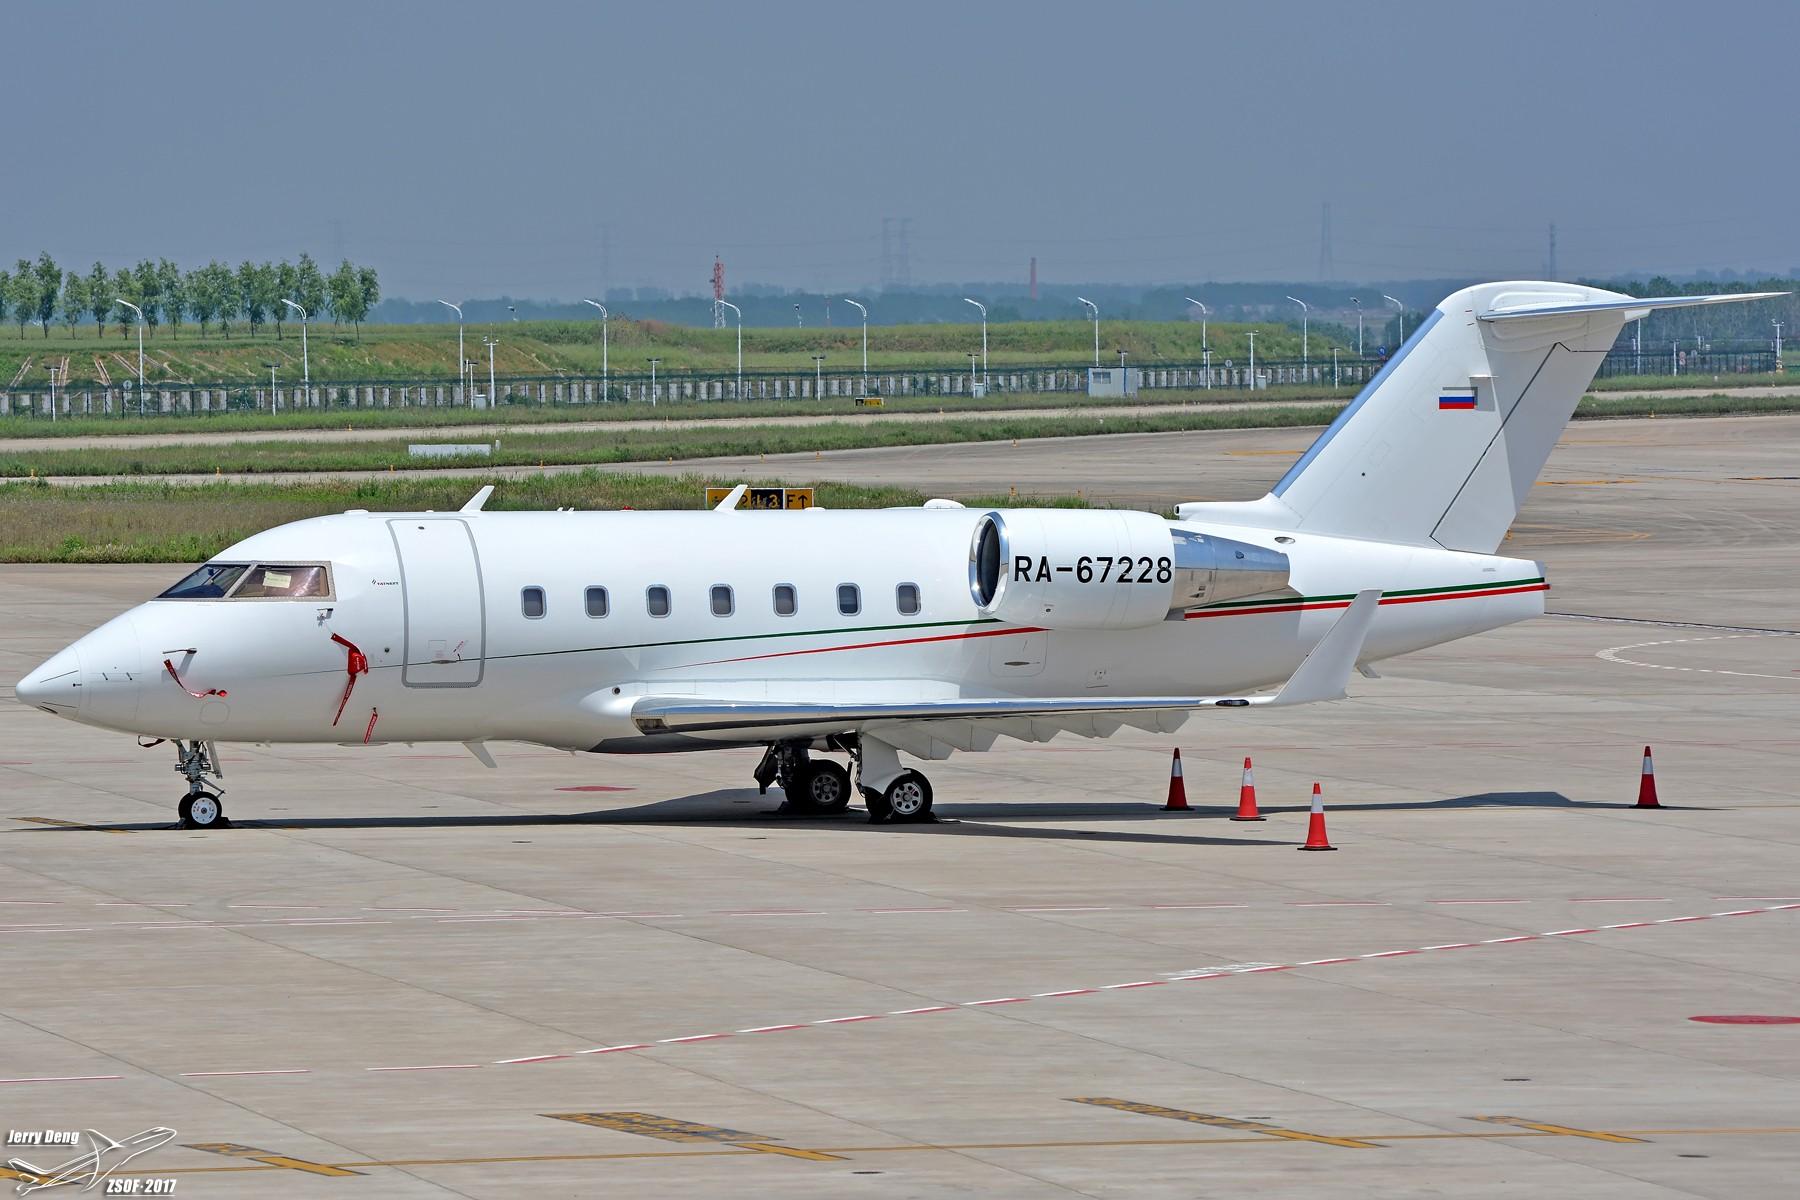 【一图党】Bombardier Challenger 604 RA-67228 载旗公务机 BOMBARDIER CHALLENGER 604 RA-67228 中国合肥新桥国际机场